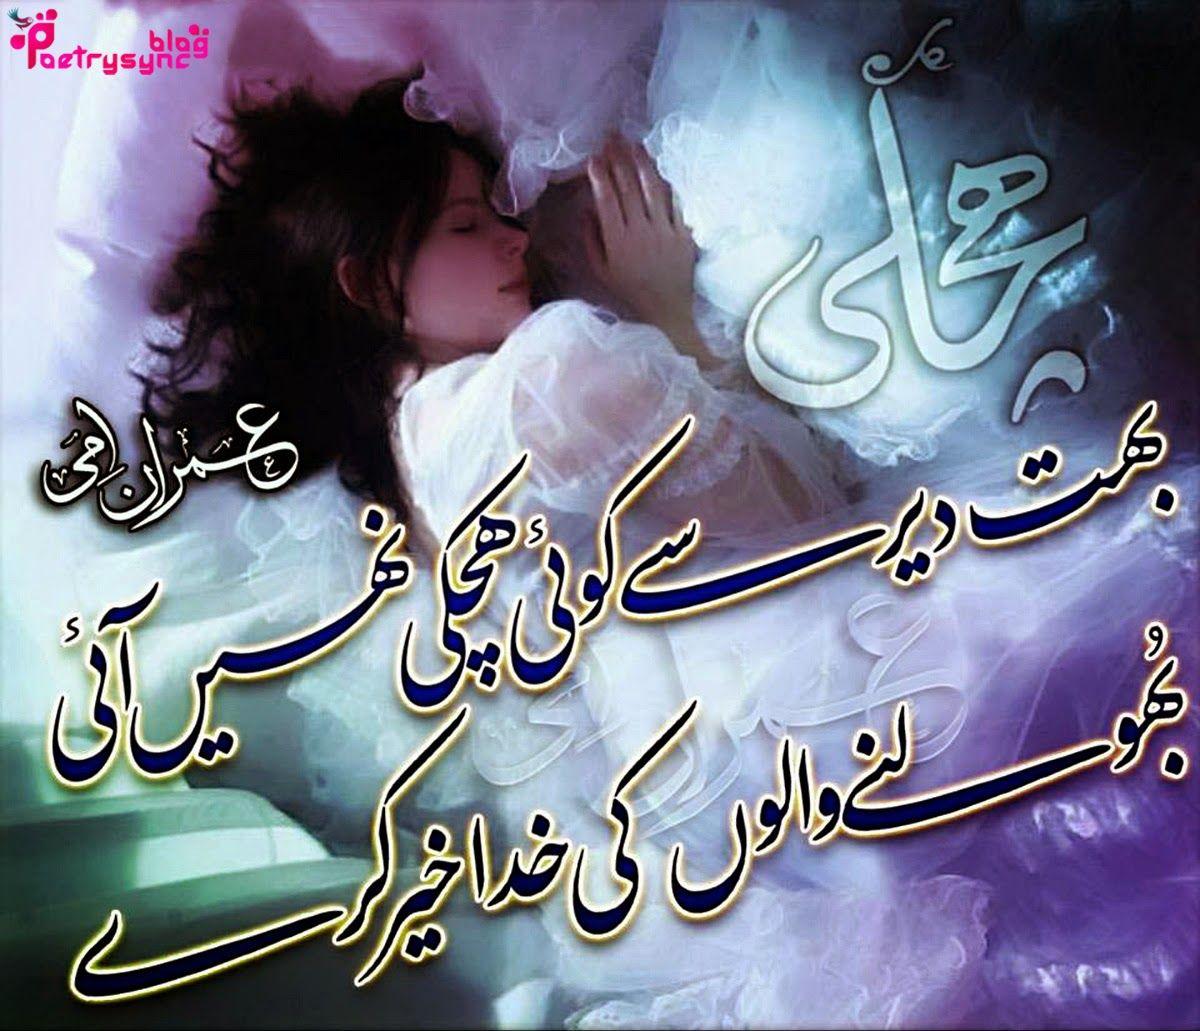 Poetry Yaad Shayari Sms In Urdu Picture Urdu Poetry Urdu Poetry